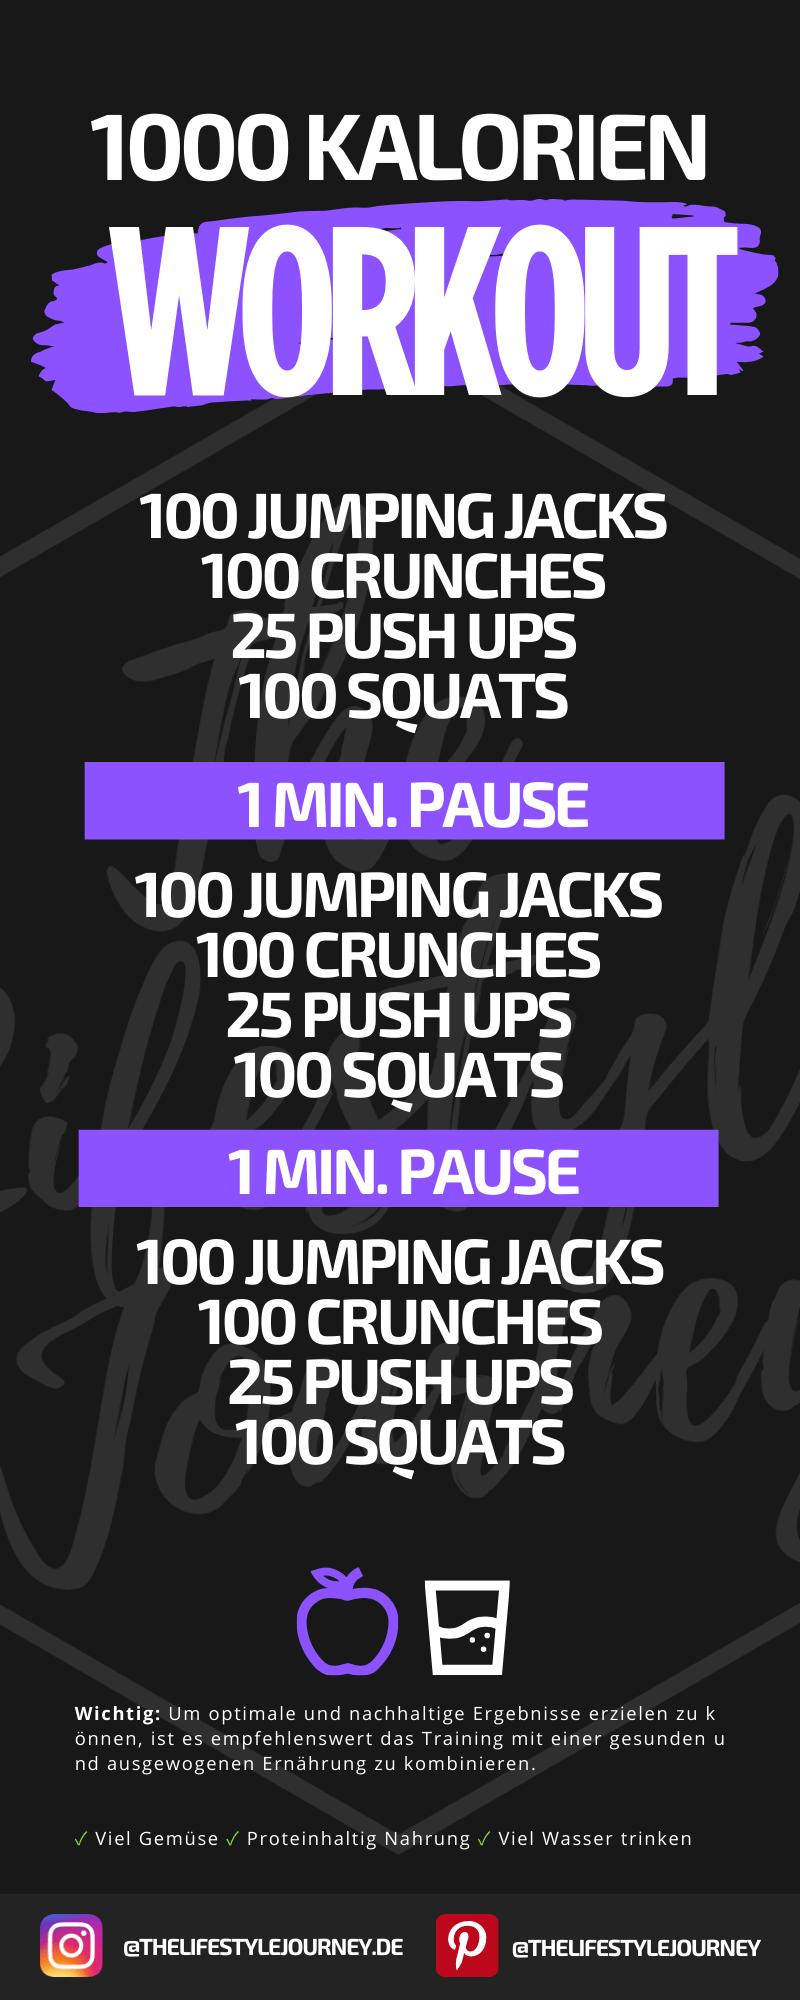 1000 Kalorien Workout